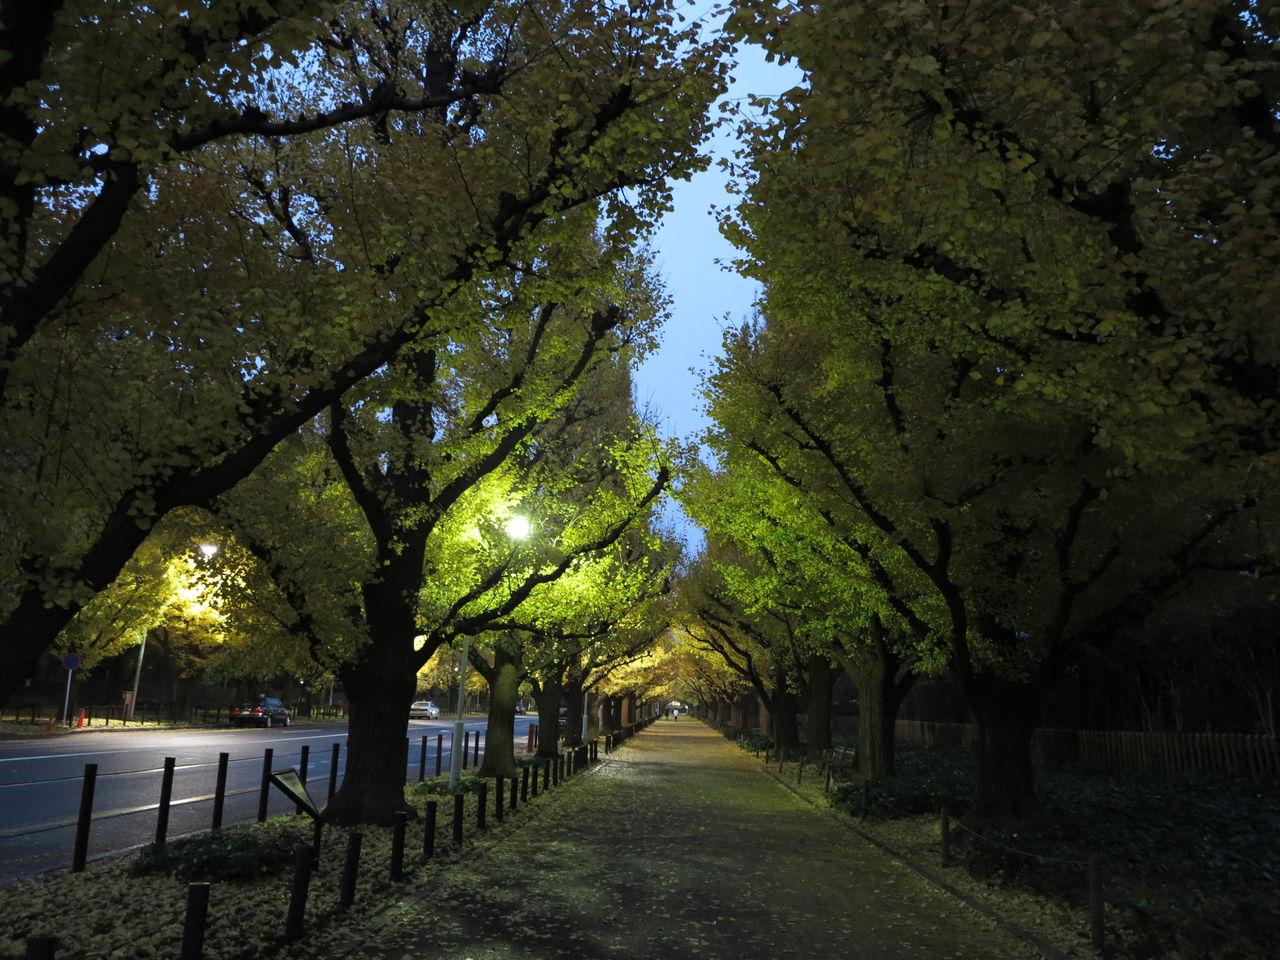 20121204(火) 雨の外苑 夜霧の日比谷 今もこの目に 優しく浮かぶ ...